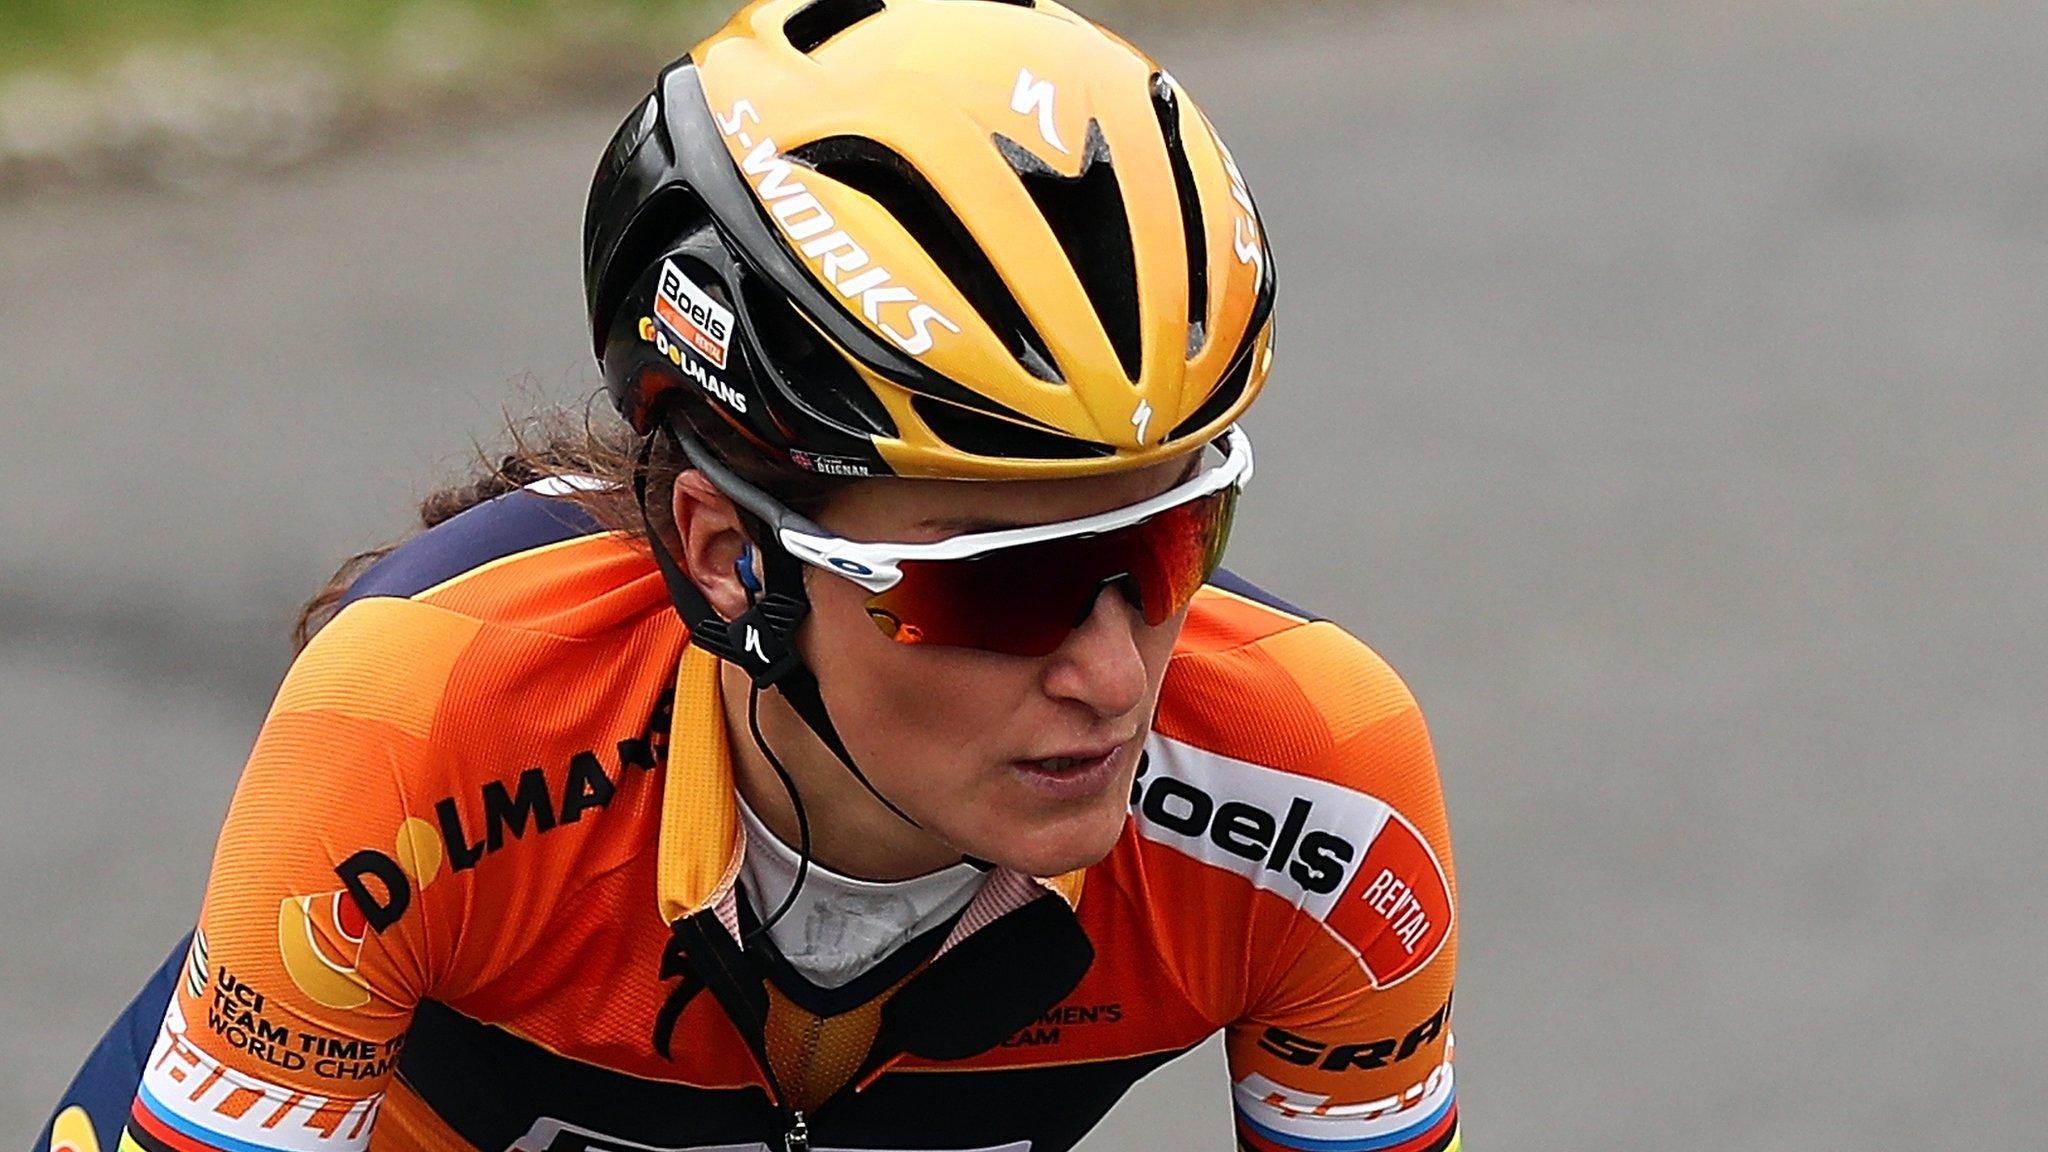 Local favourite Deignan wins Tour de Yorkshire